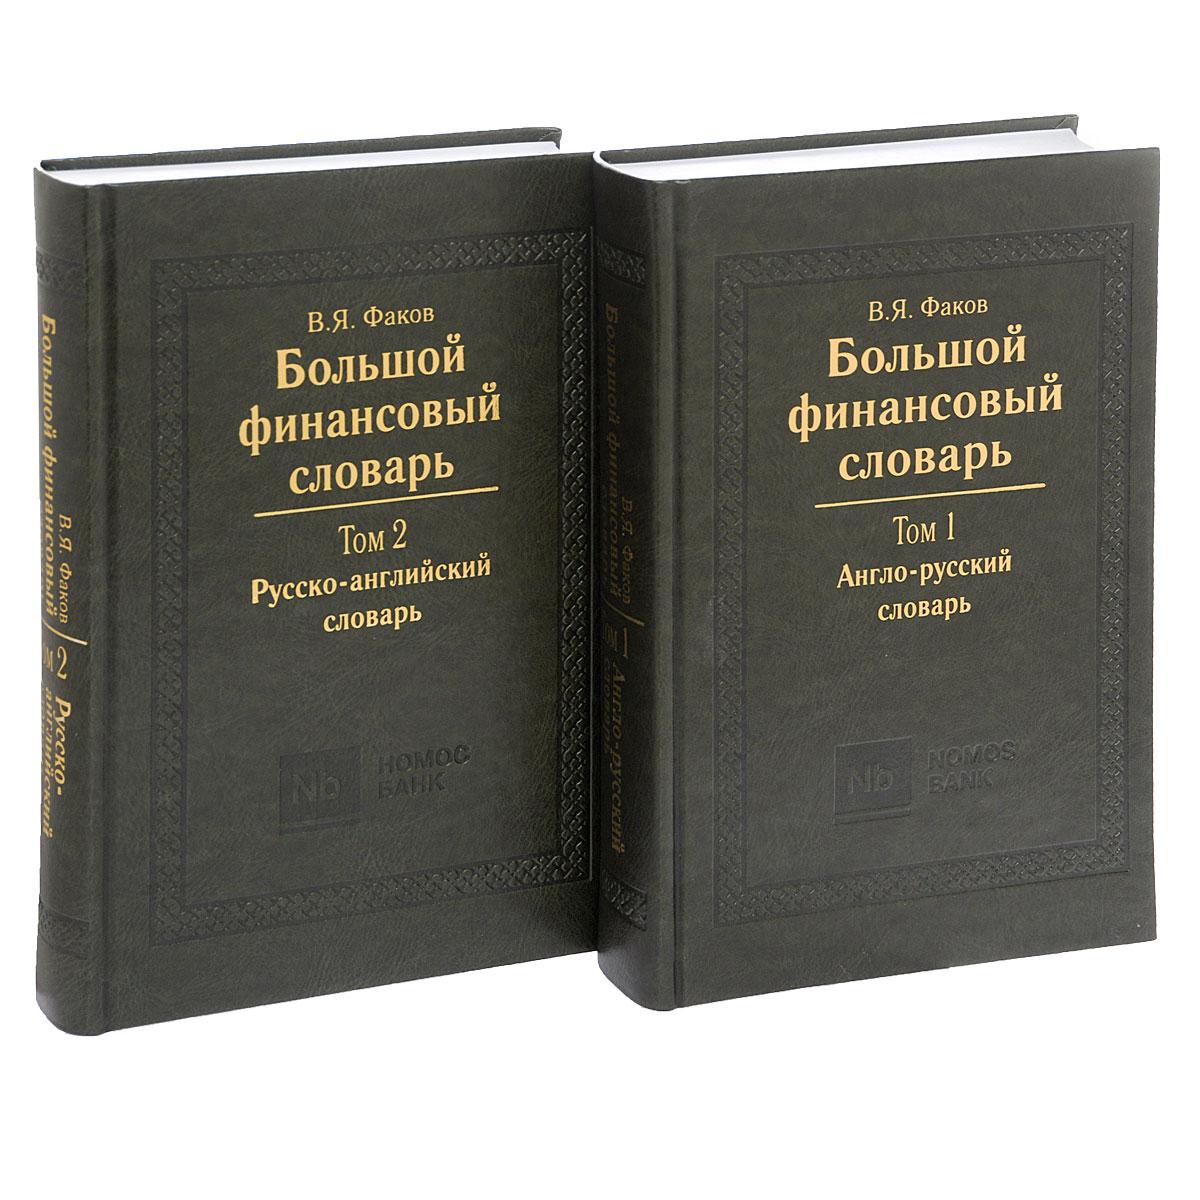 Большой финансовый словарь (комплект из 2 книг), В. Я. Факов